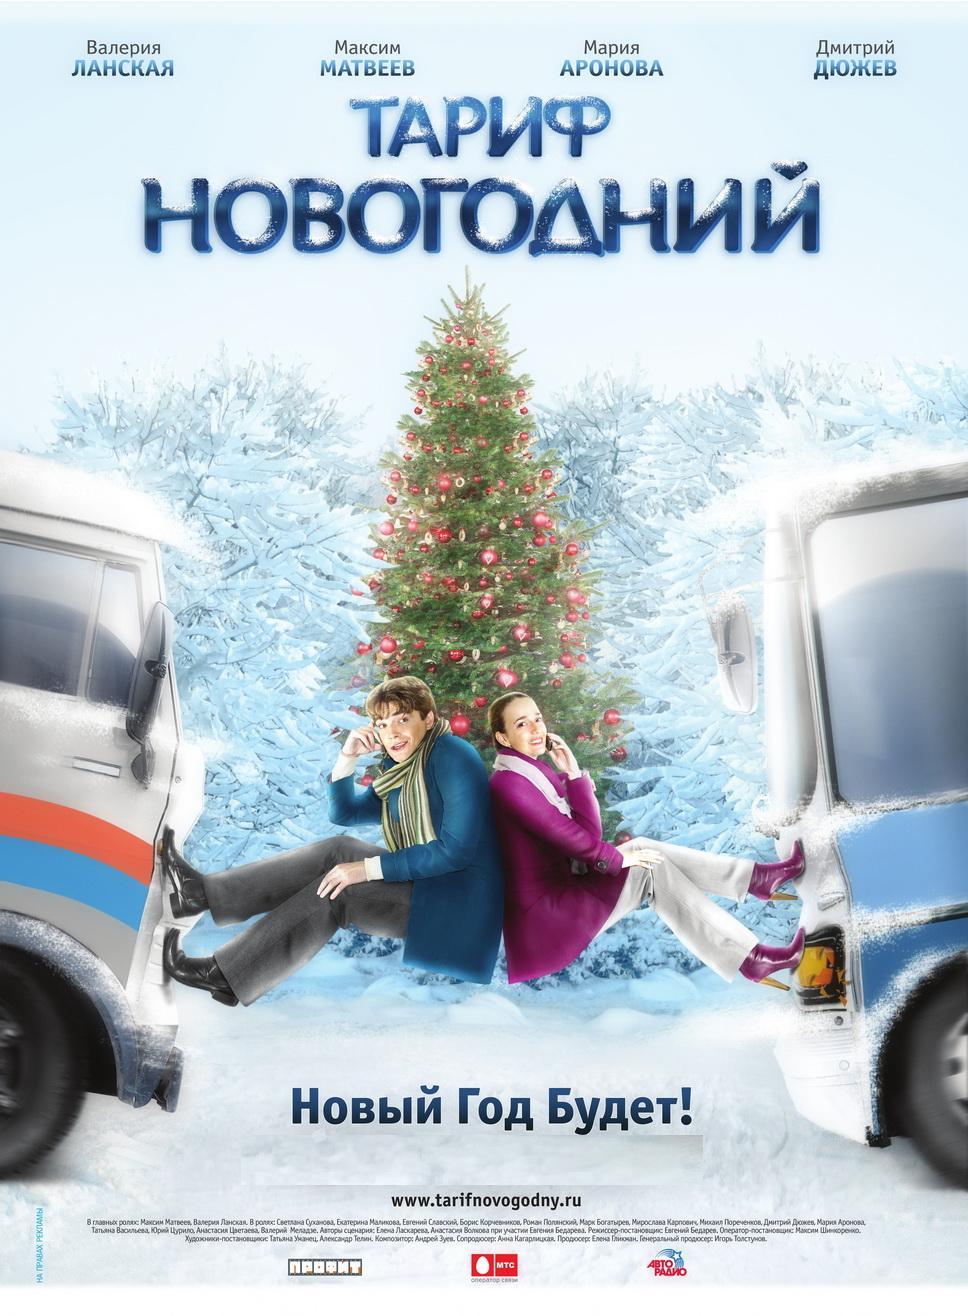 Русские комедии о встрече нового года в